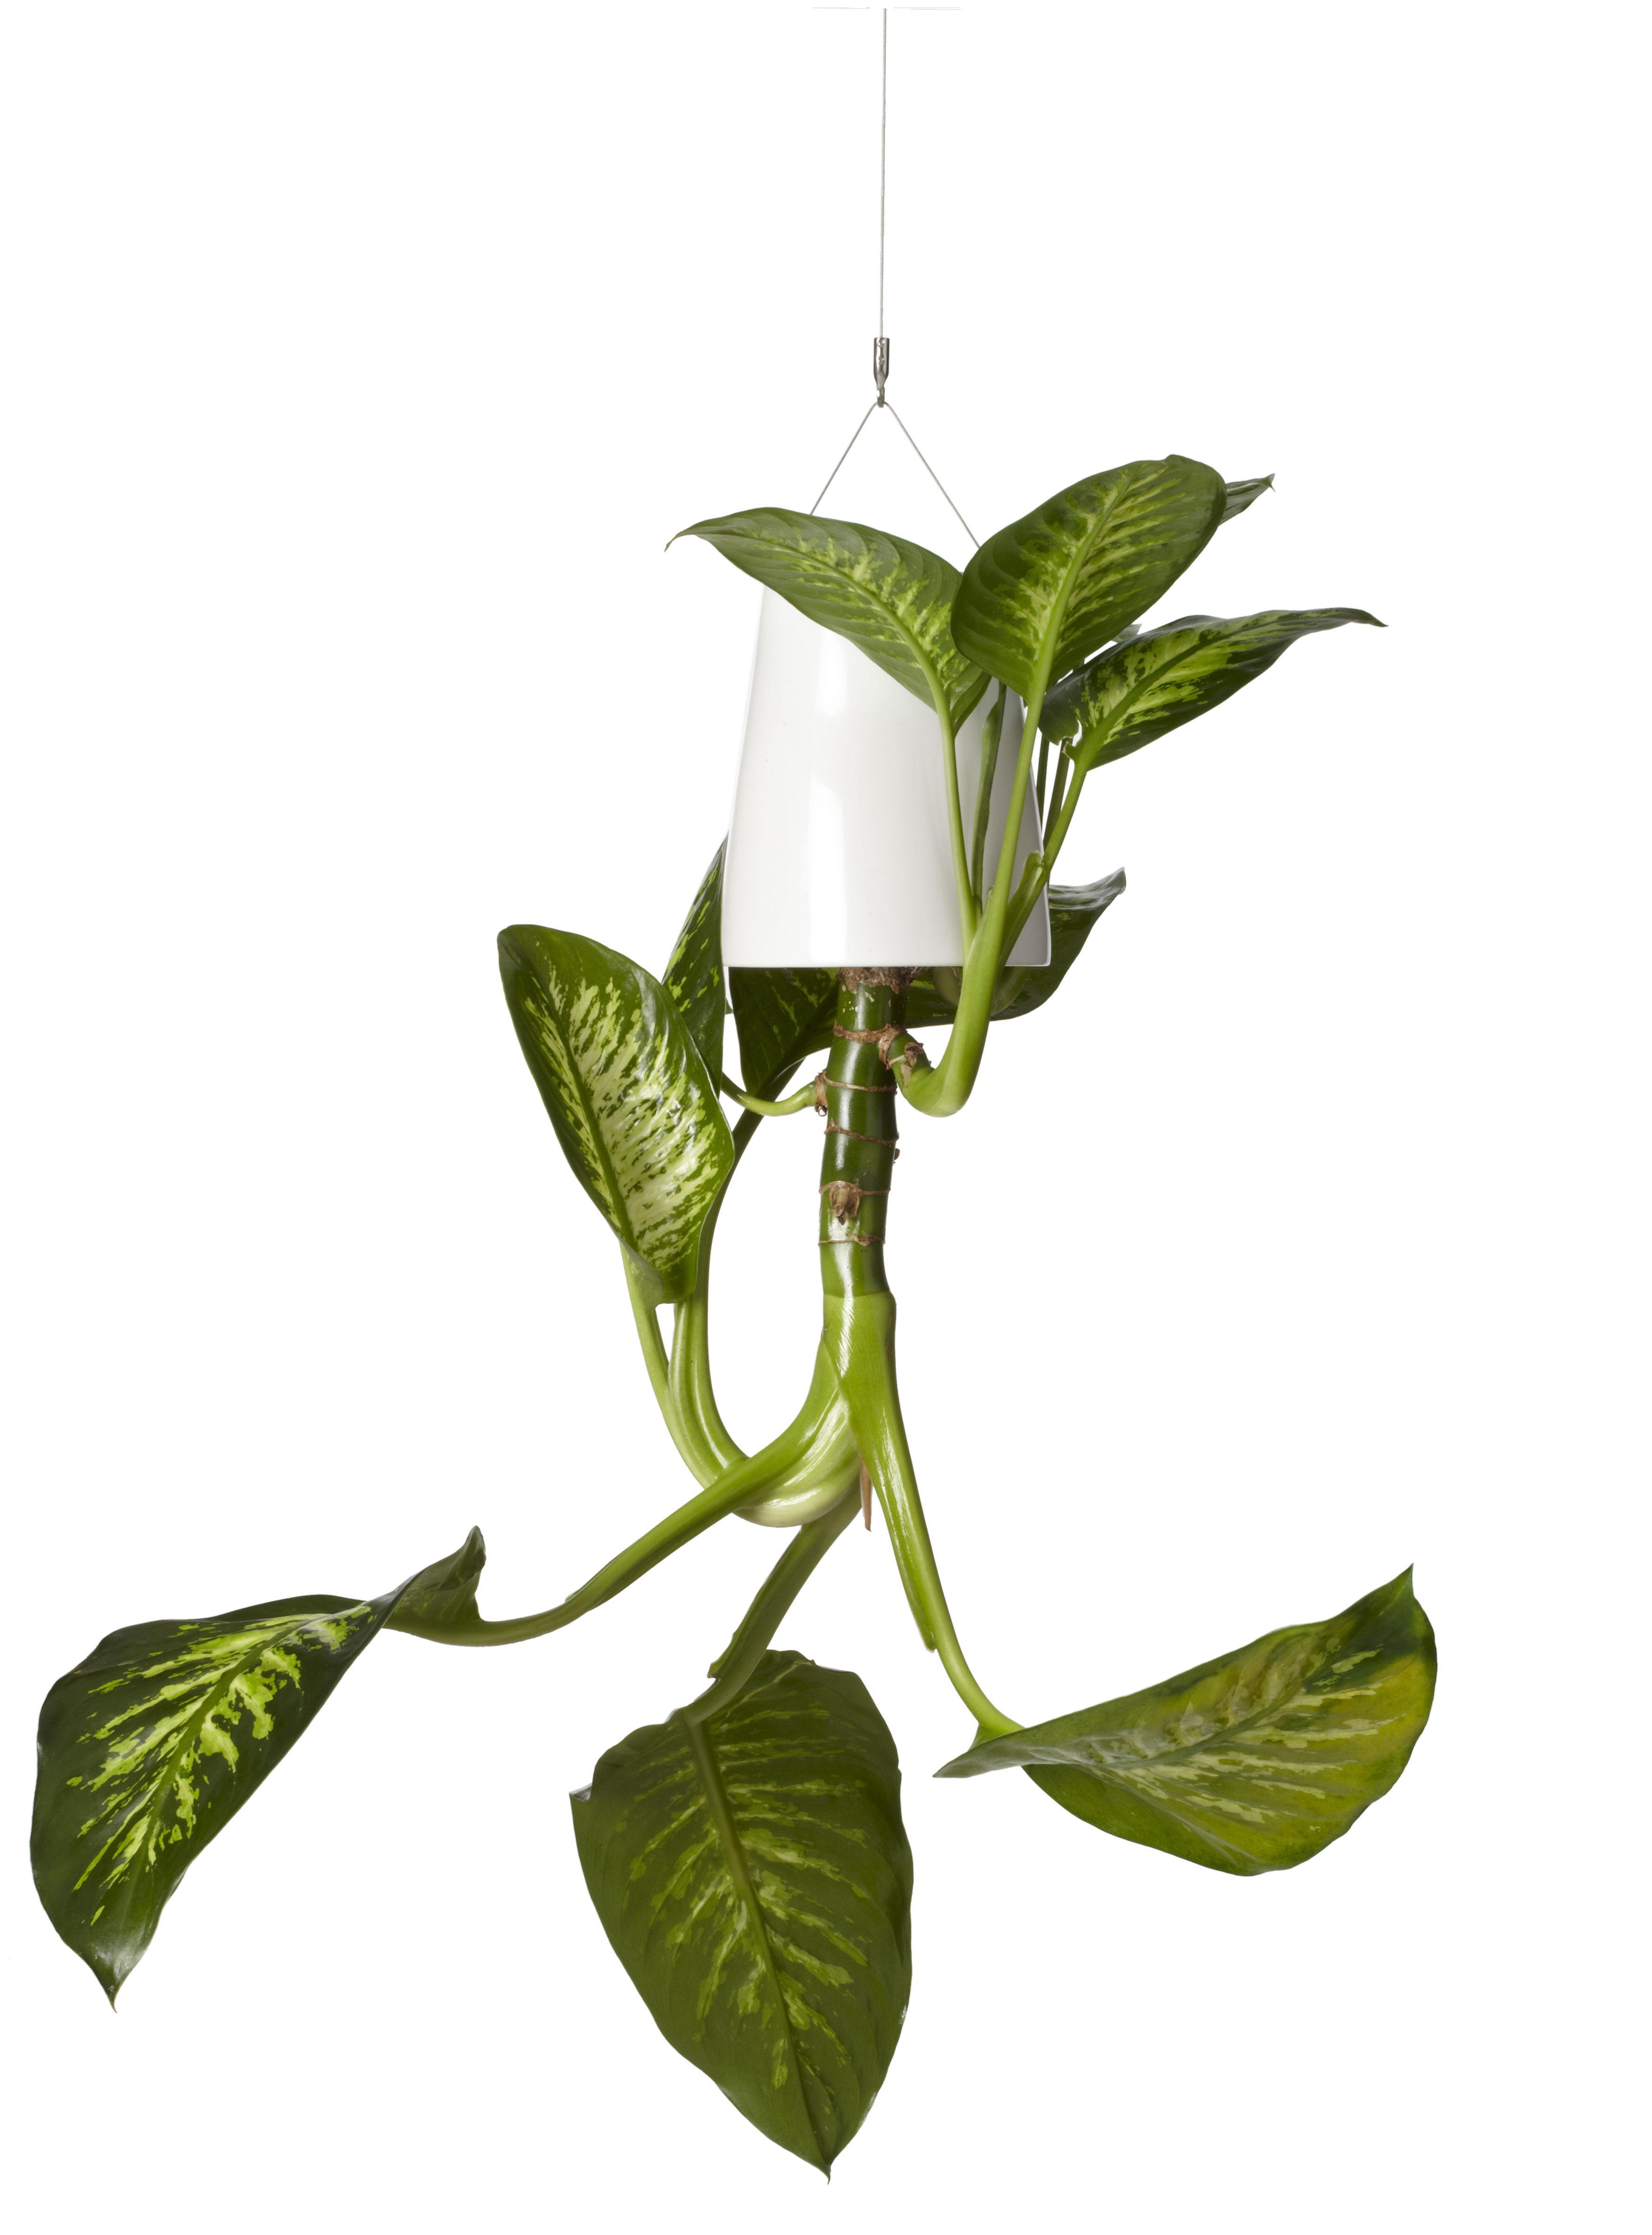 Decoration - Funny & surprising - Sky Flowerpot - Polypropylene Large - H 25 cm / Upside down planter by Boskke - White - Recycled polypropylene